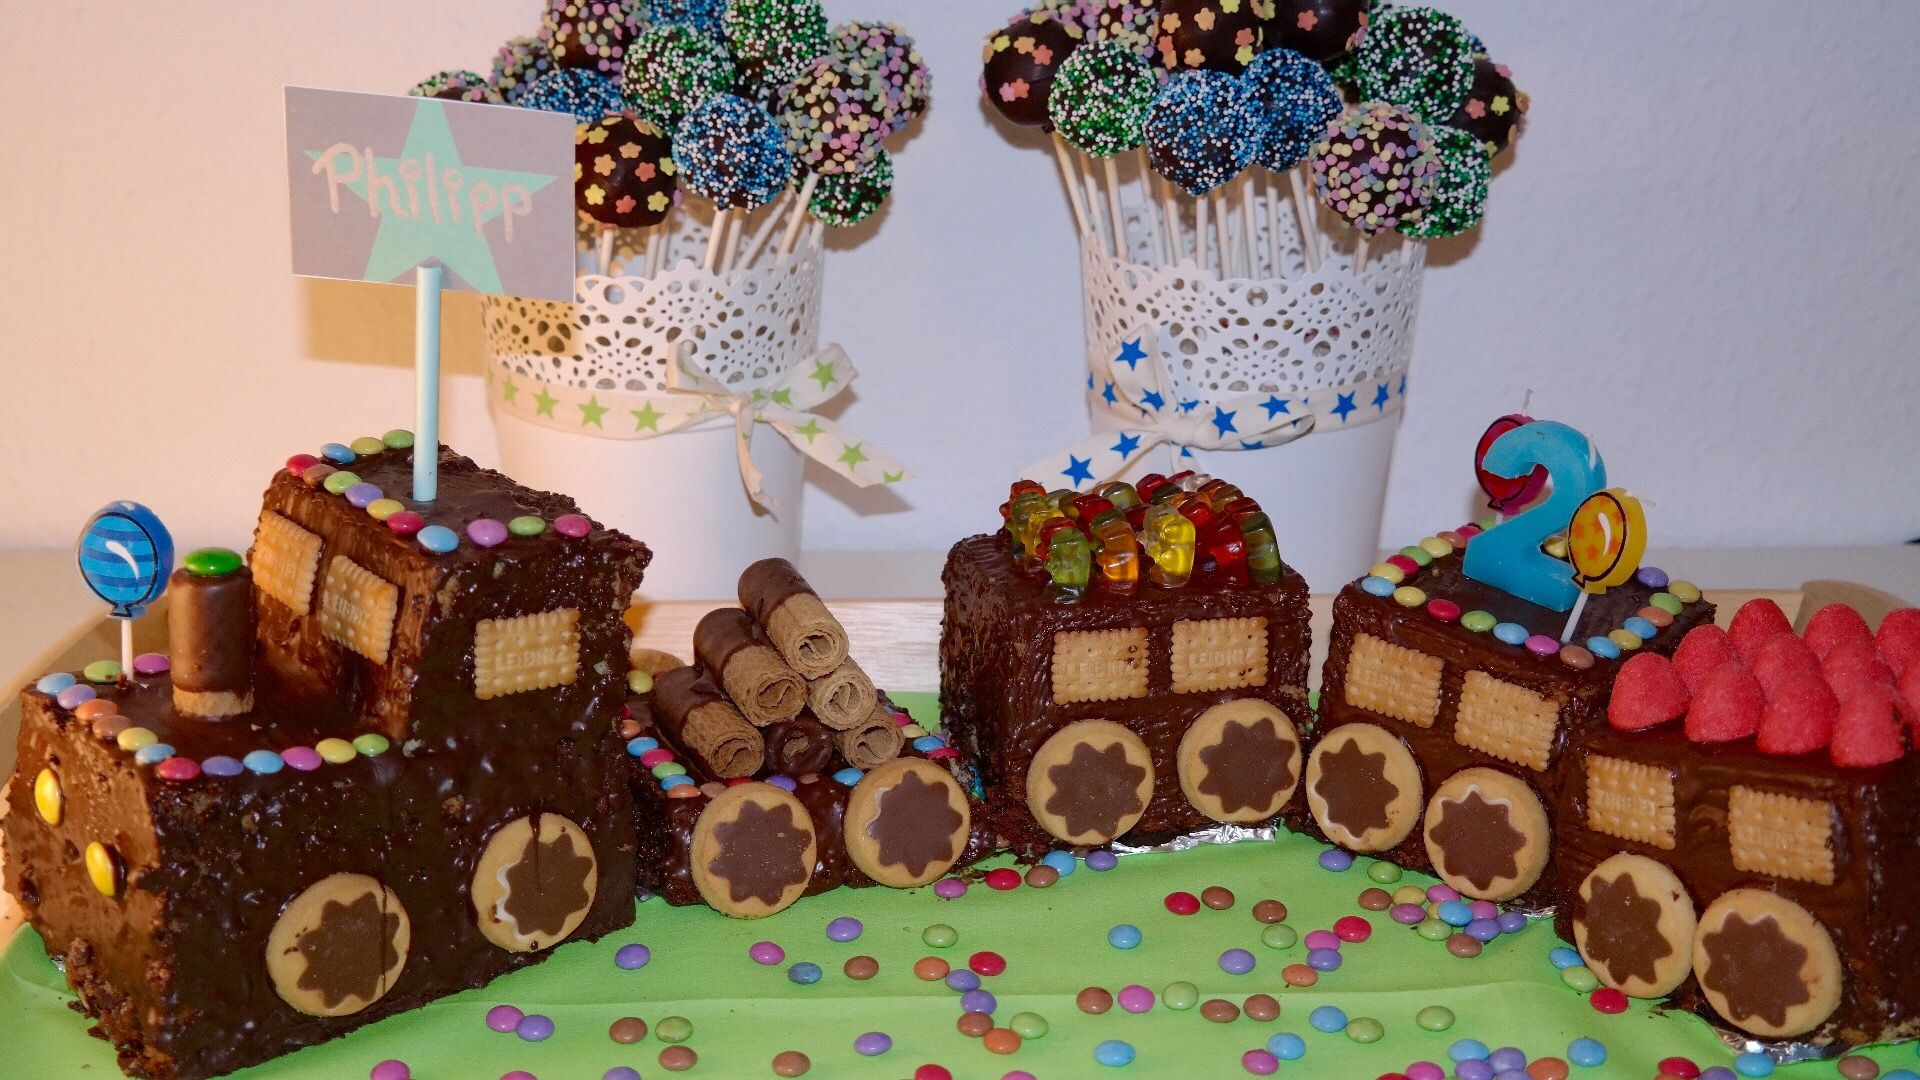 Torta Con Trattore E Fattoria Tractor Birthday Cakes Farm Birthday Cakes Farm Cake